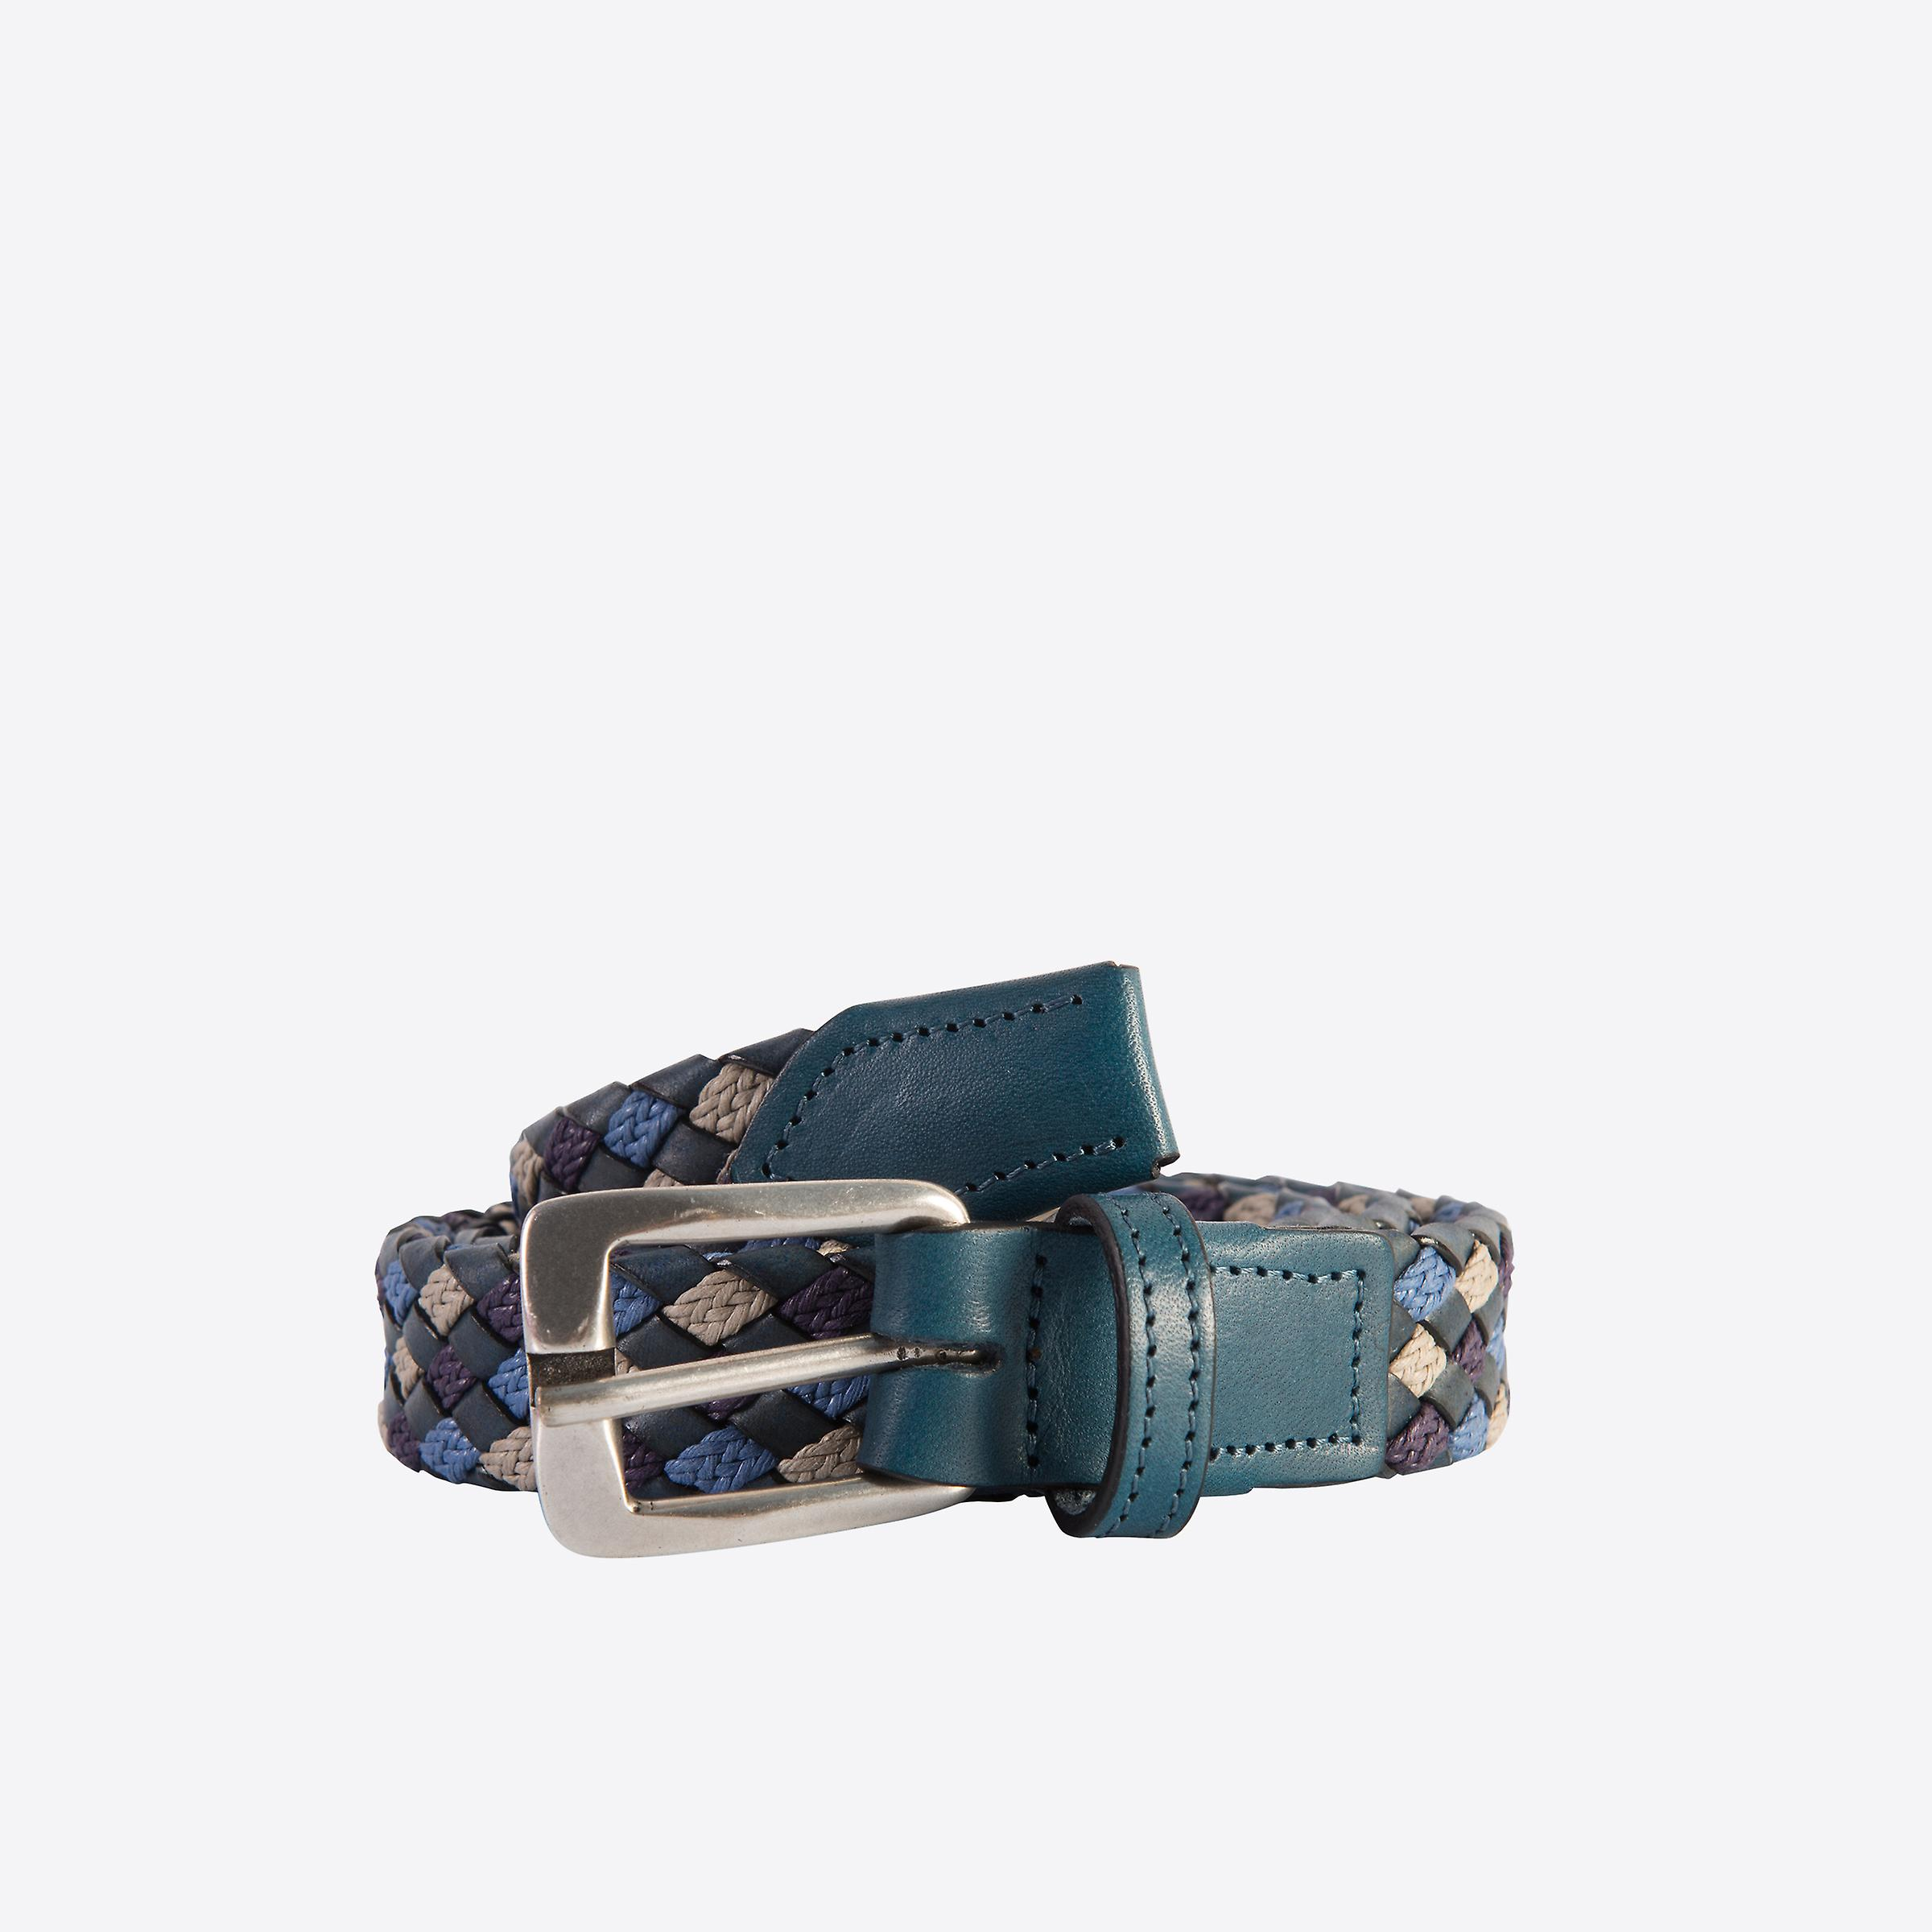 Fabio Giovanni Riposo Belt - High Quality Multi Colour Woven Belt